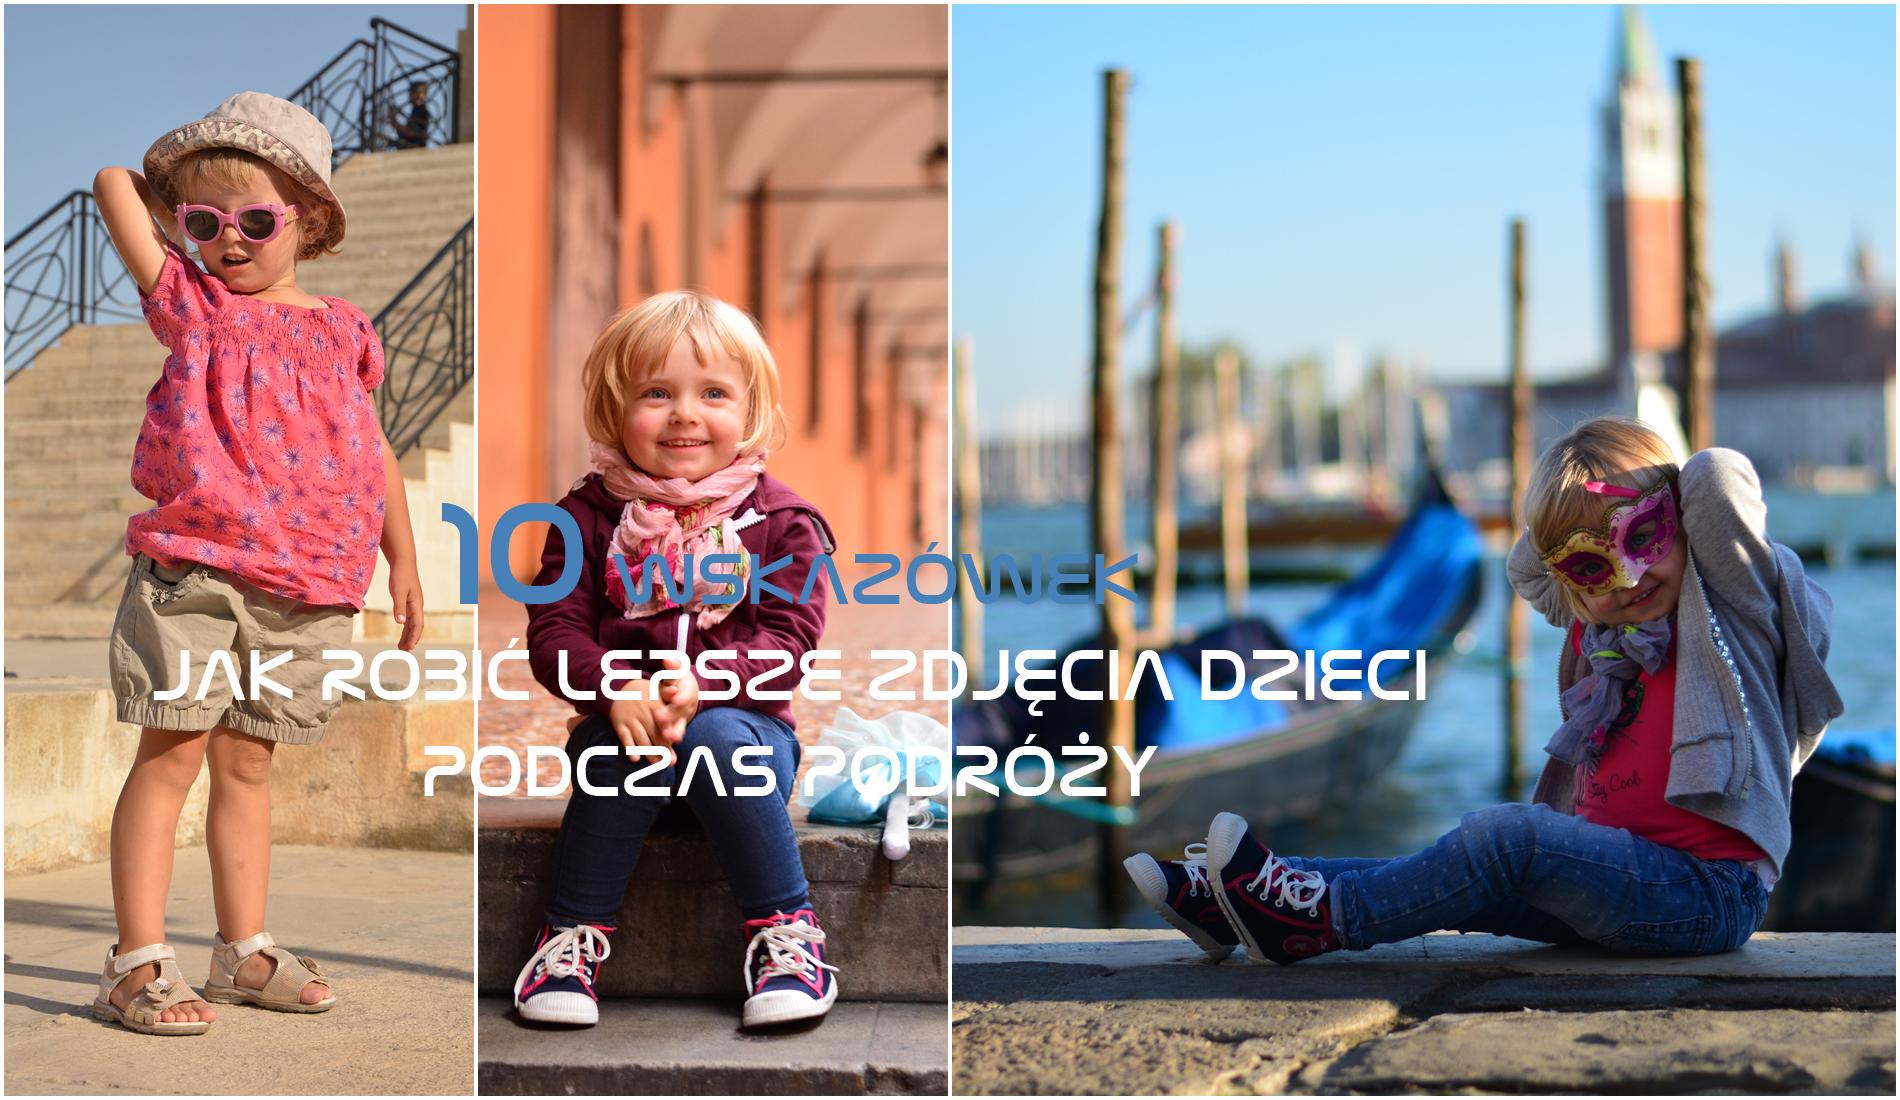 10 wskazówek, jak robić lepsze zdjęcia dzieci podczas podróży